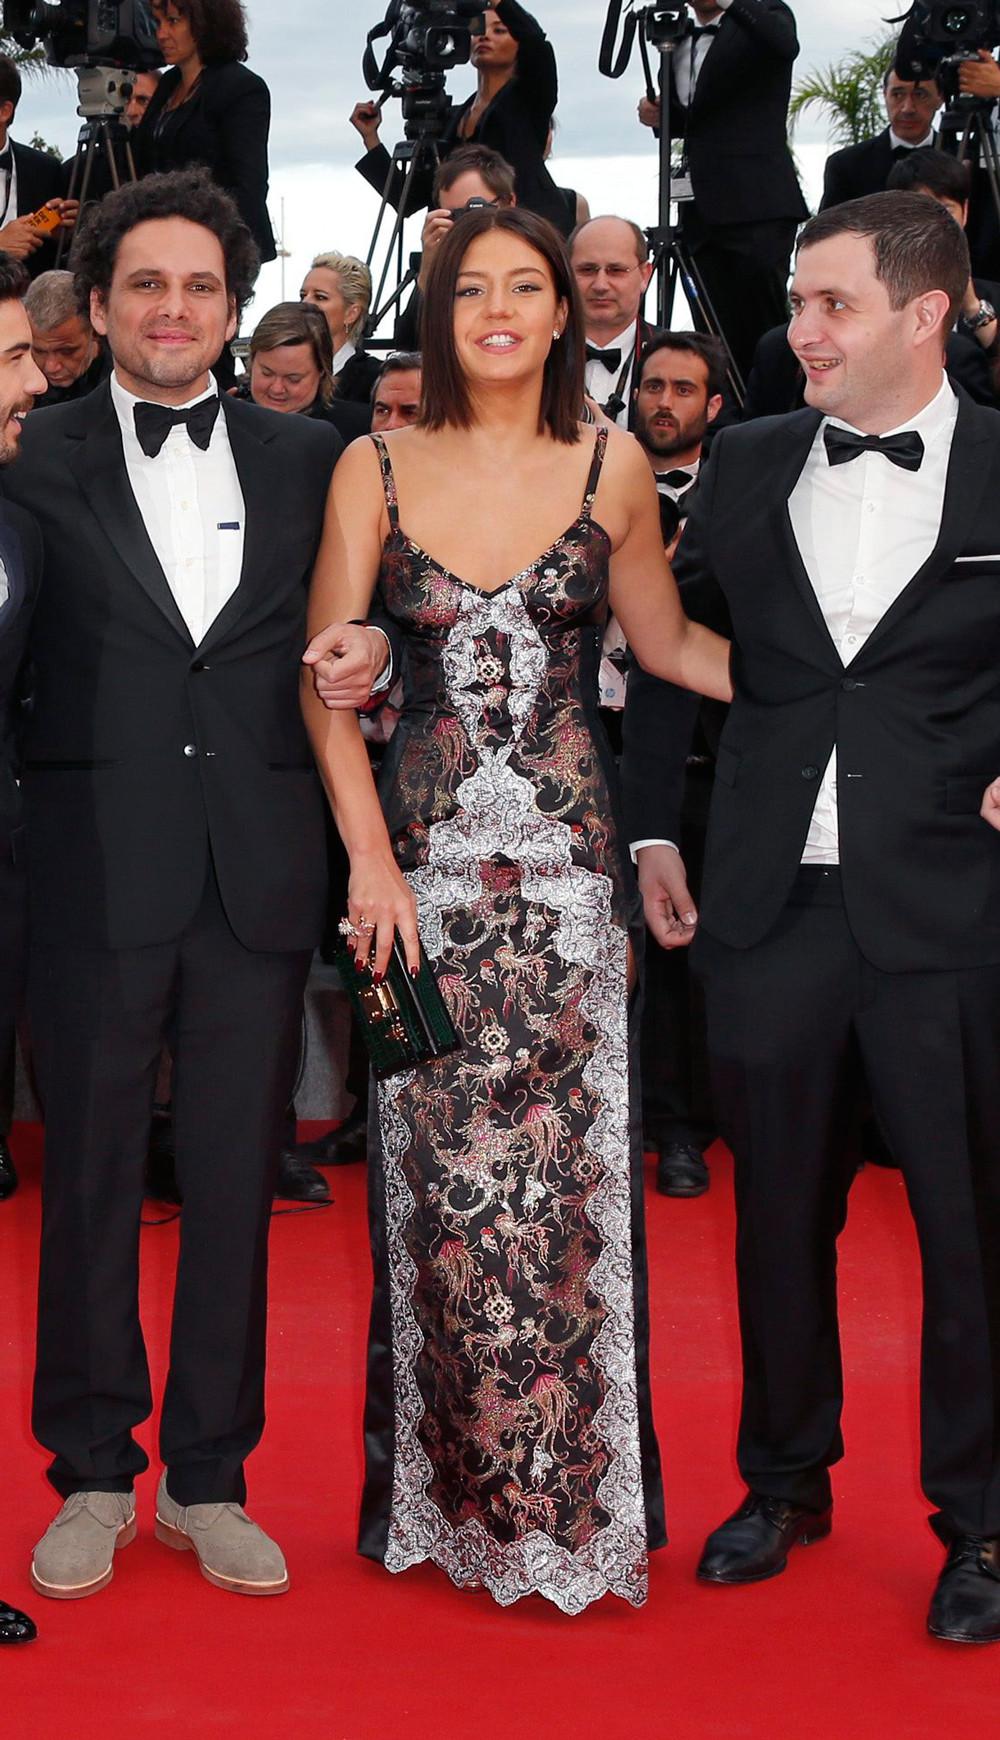 A leírhatatlan nevű Adele Exarchopoulos. A ruhája, ami egy Louis Vuitton darab, kimondottan tetszik és jól is áll neki